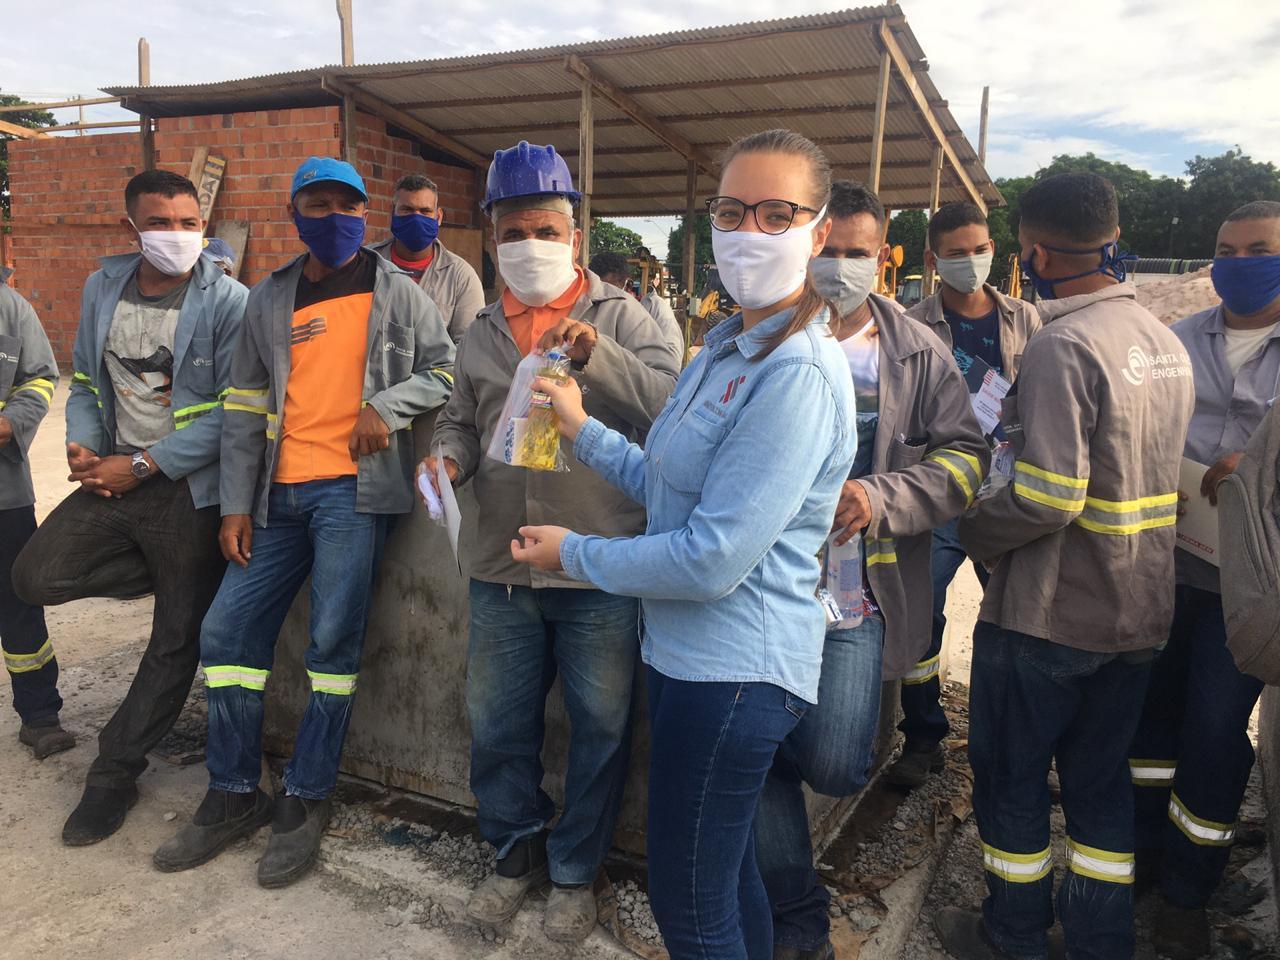 Construindo Boas Práticas alcança mais de 1.000 colaboradores do setor da Construção Civil